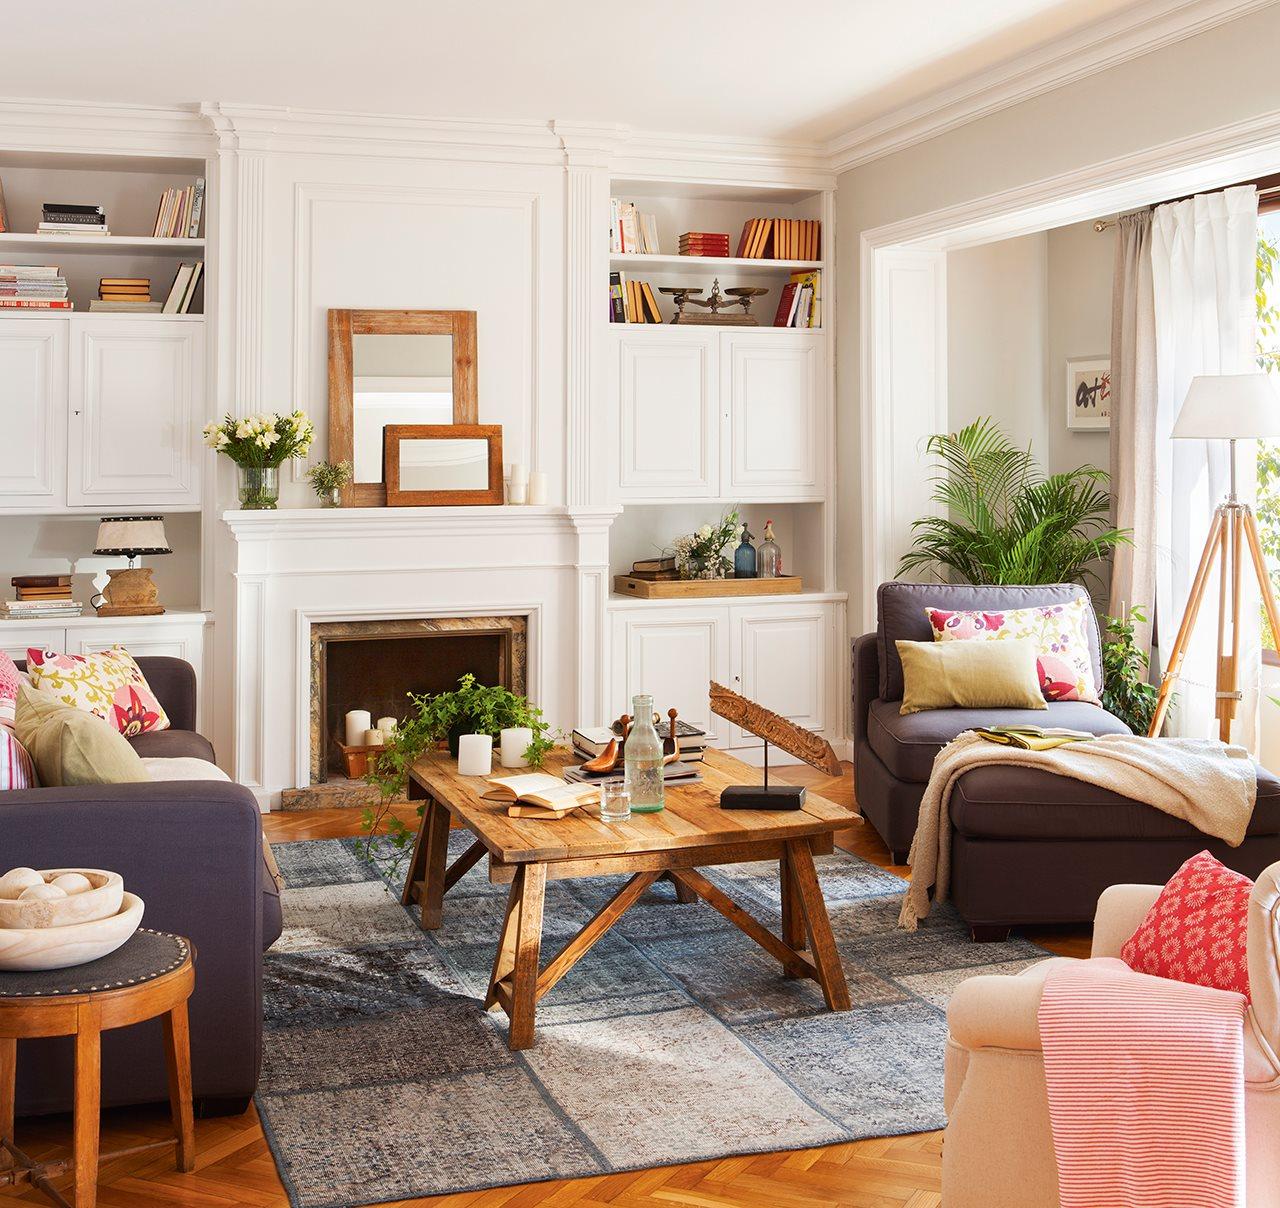 Reforma de un piso antiguo para ganar luz - Adornos para el salon de casa ...